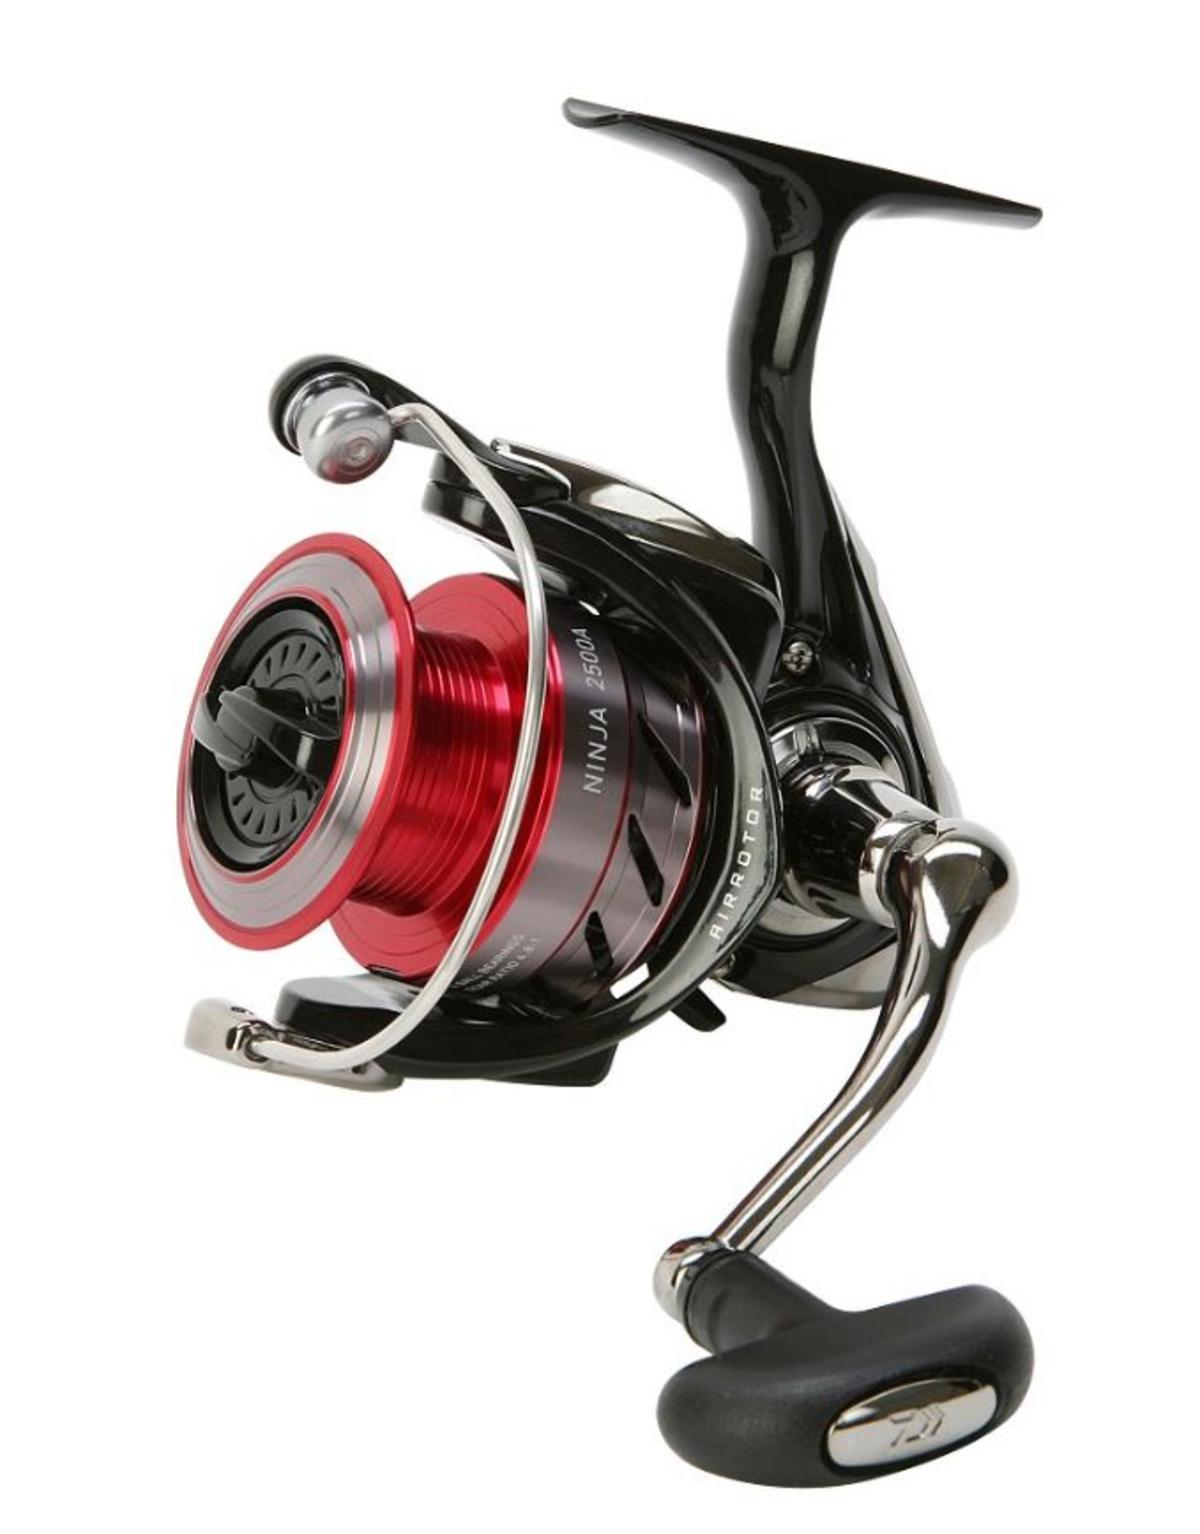 Ex Display Daiwa Ninja 2000A Spinning Fishing Reel